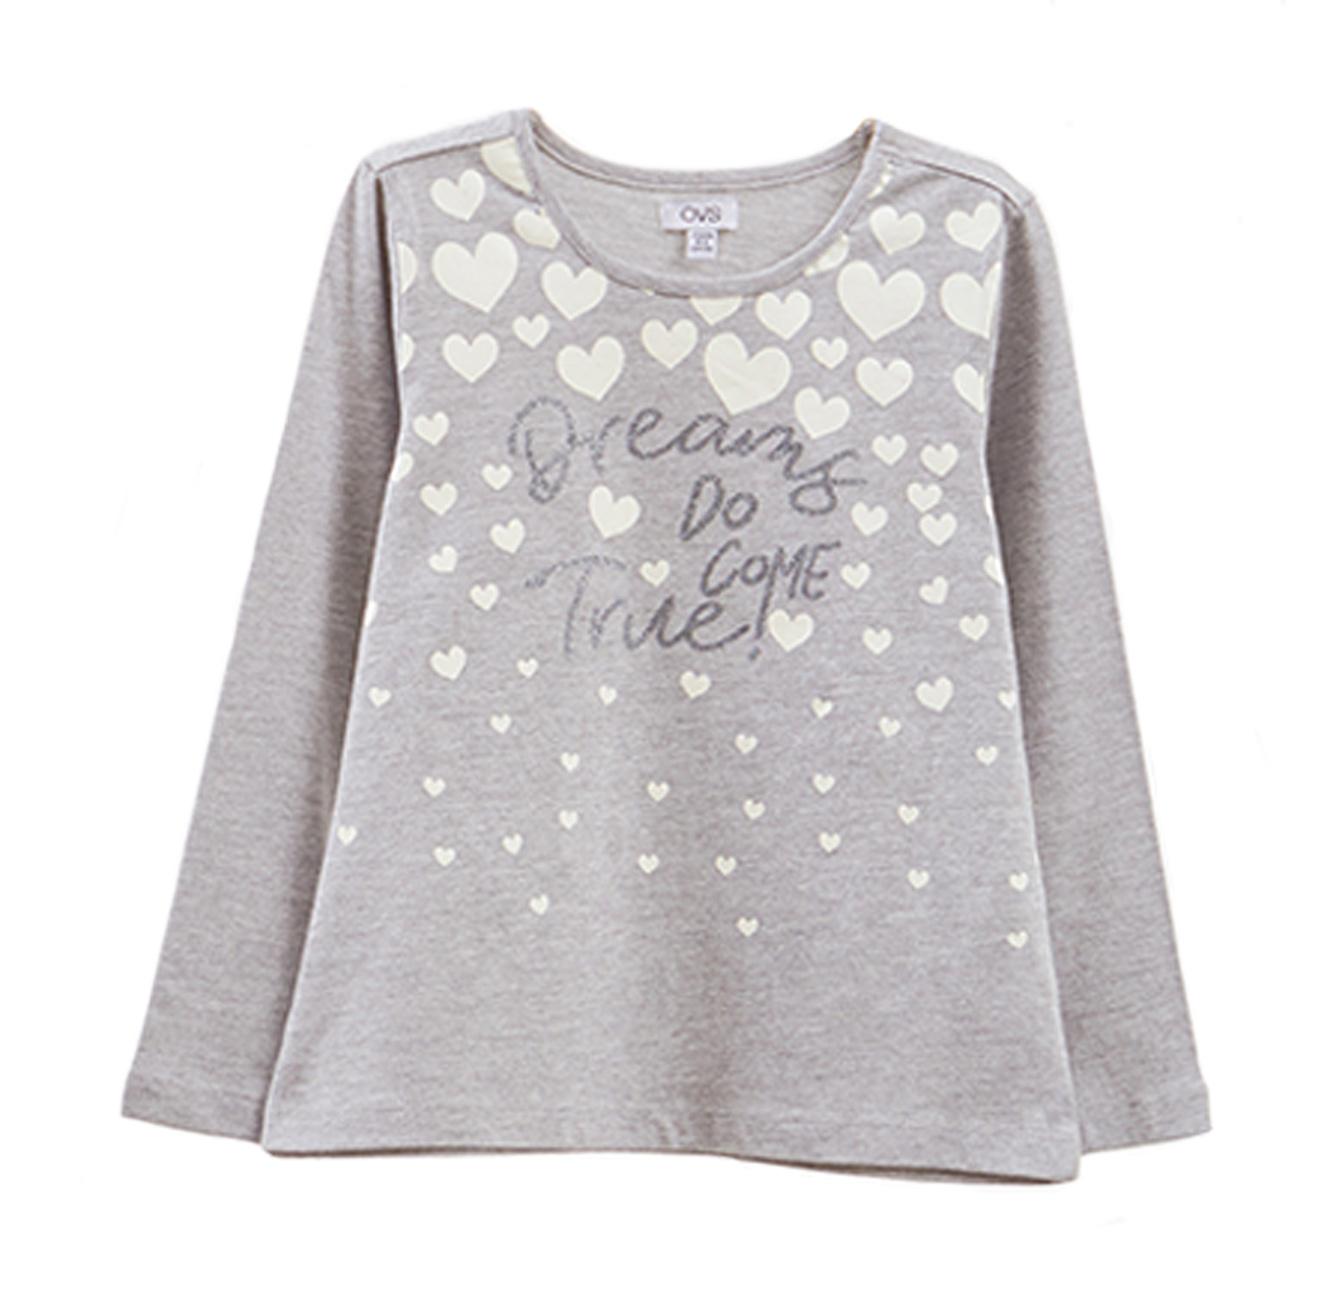 חולצת OVS לילדות - אפור עם הדפס לבבות